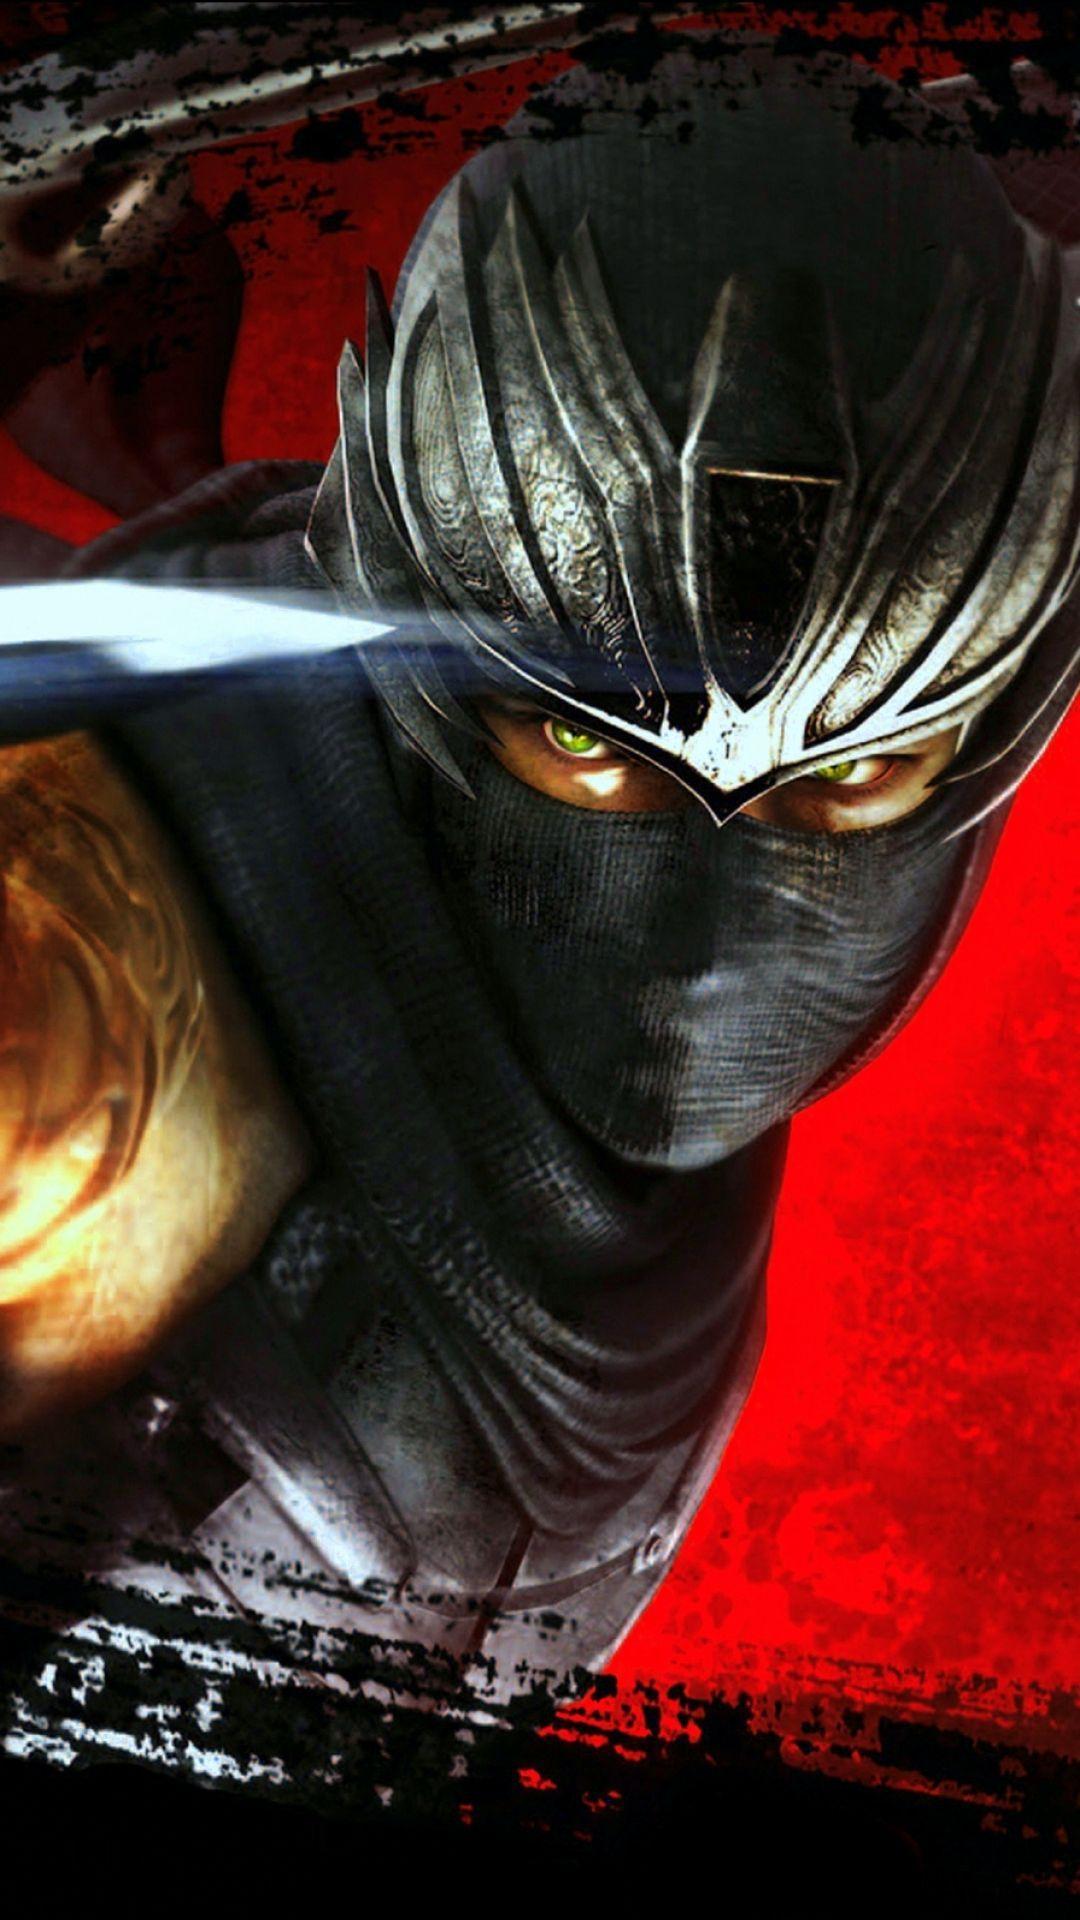 Game Ninja Gaiden Wallpaper: Ninja IPhone Wallpapers